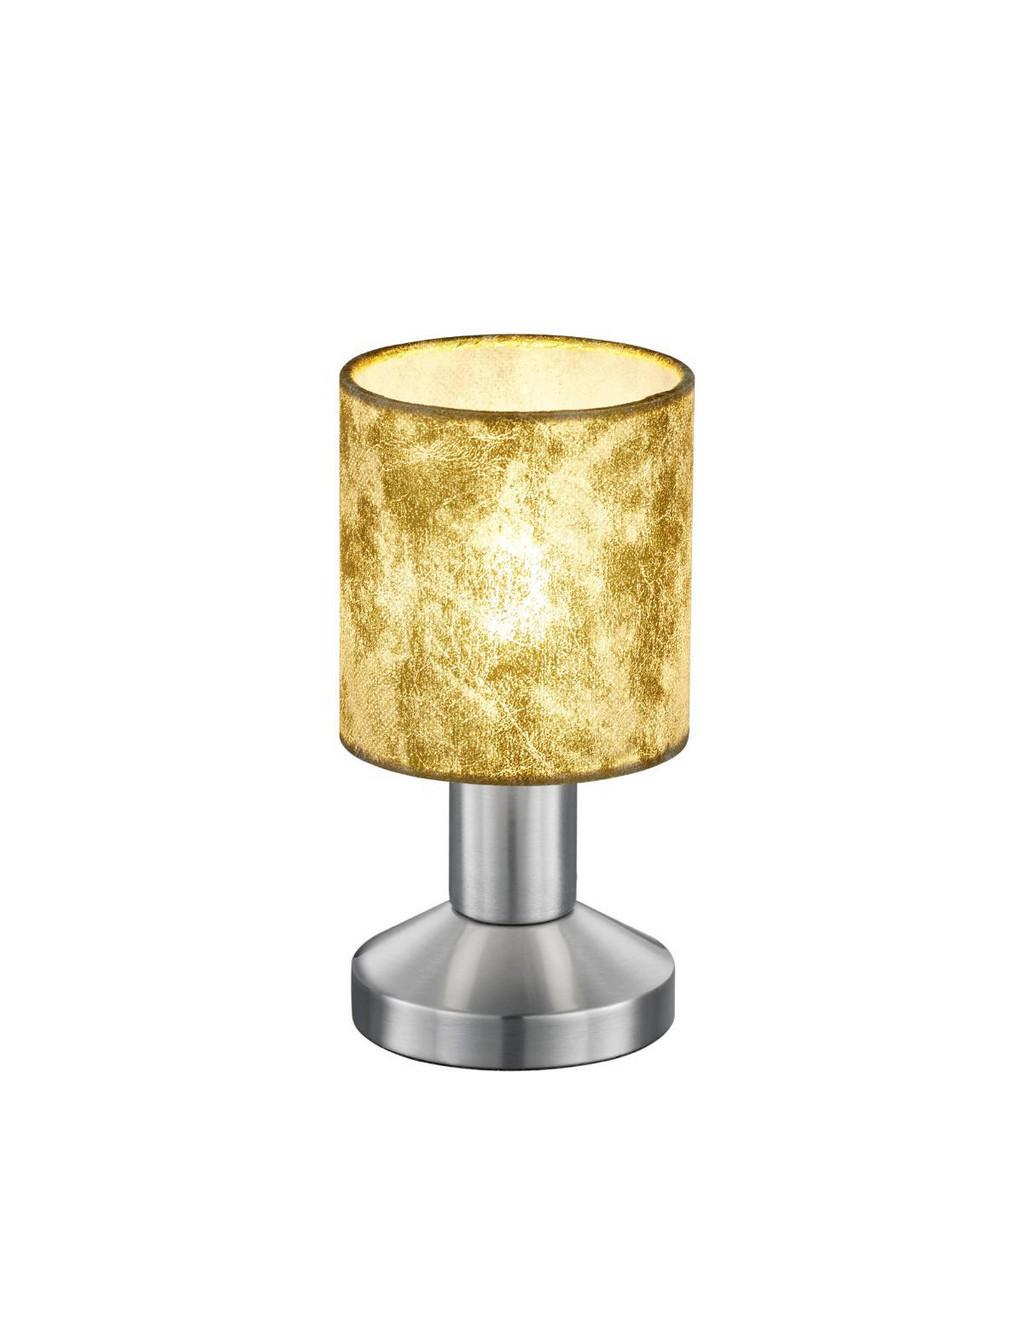 XXXL TISCHLEUCHTE, Gold, Silber